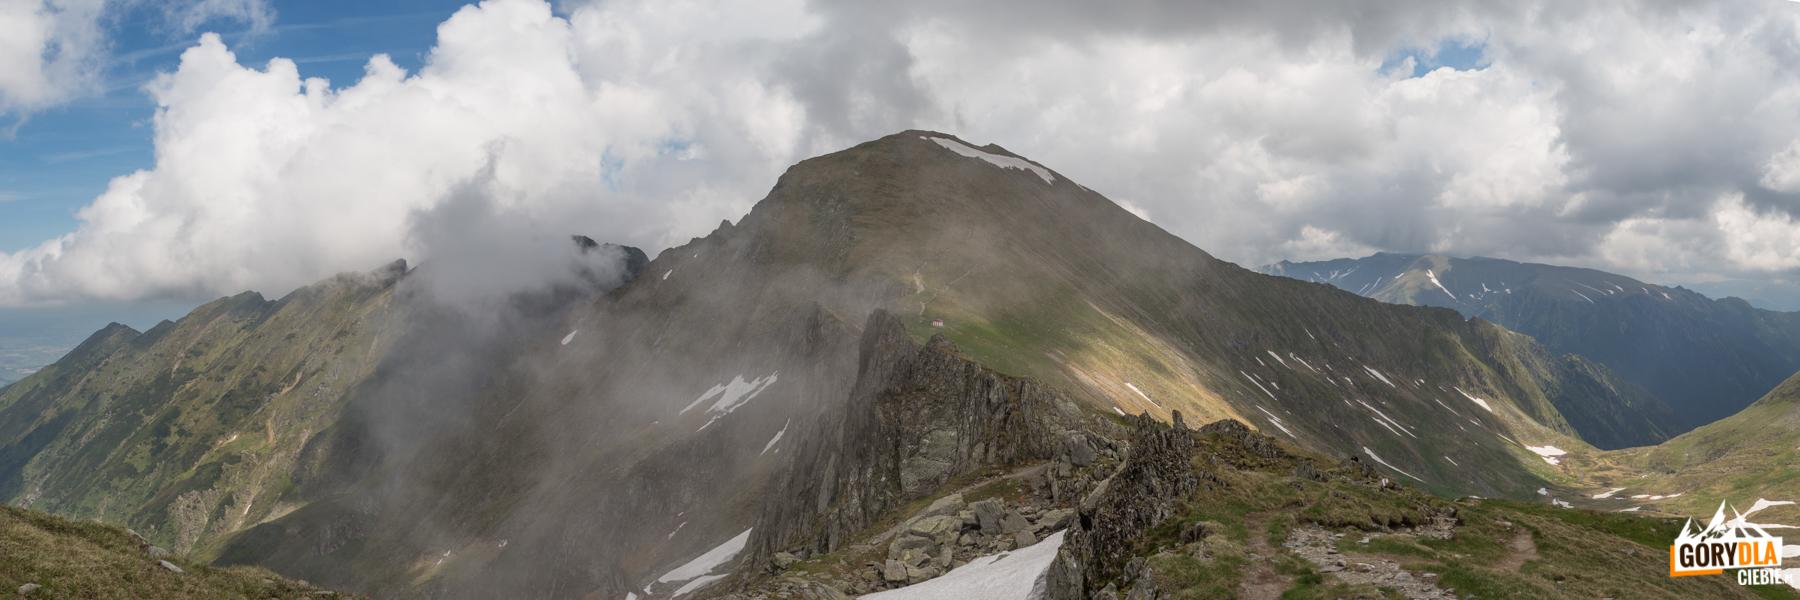 Moldoveanu 2544 m